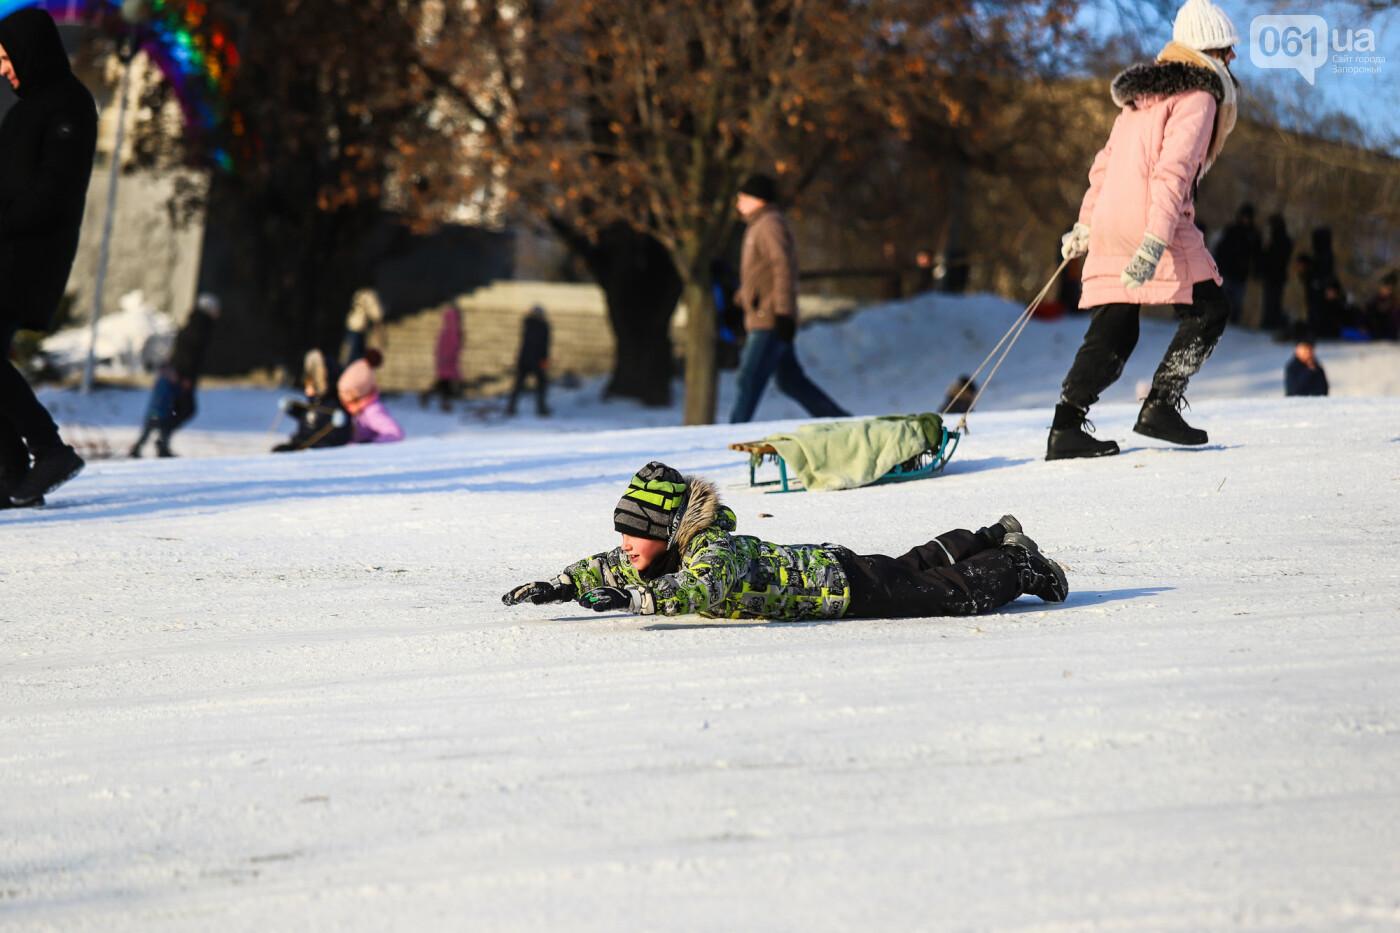 На санках, лыжах и сноуборде: запорожцы устроили массовое катание с горок в Вознесеновском парке, - ФОТОРЕПОРТАЖ, фото-66